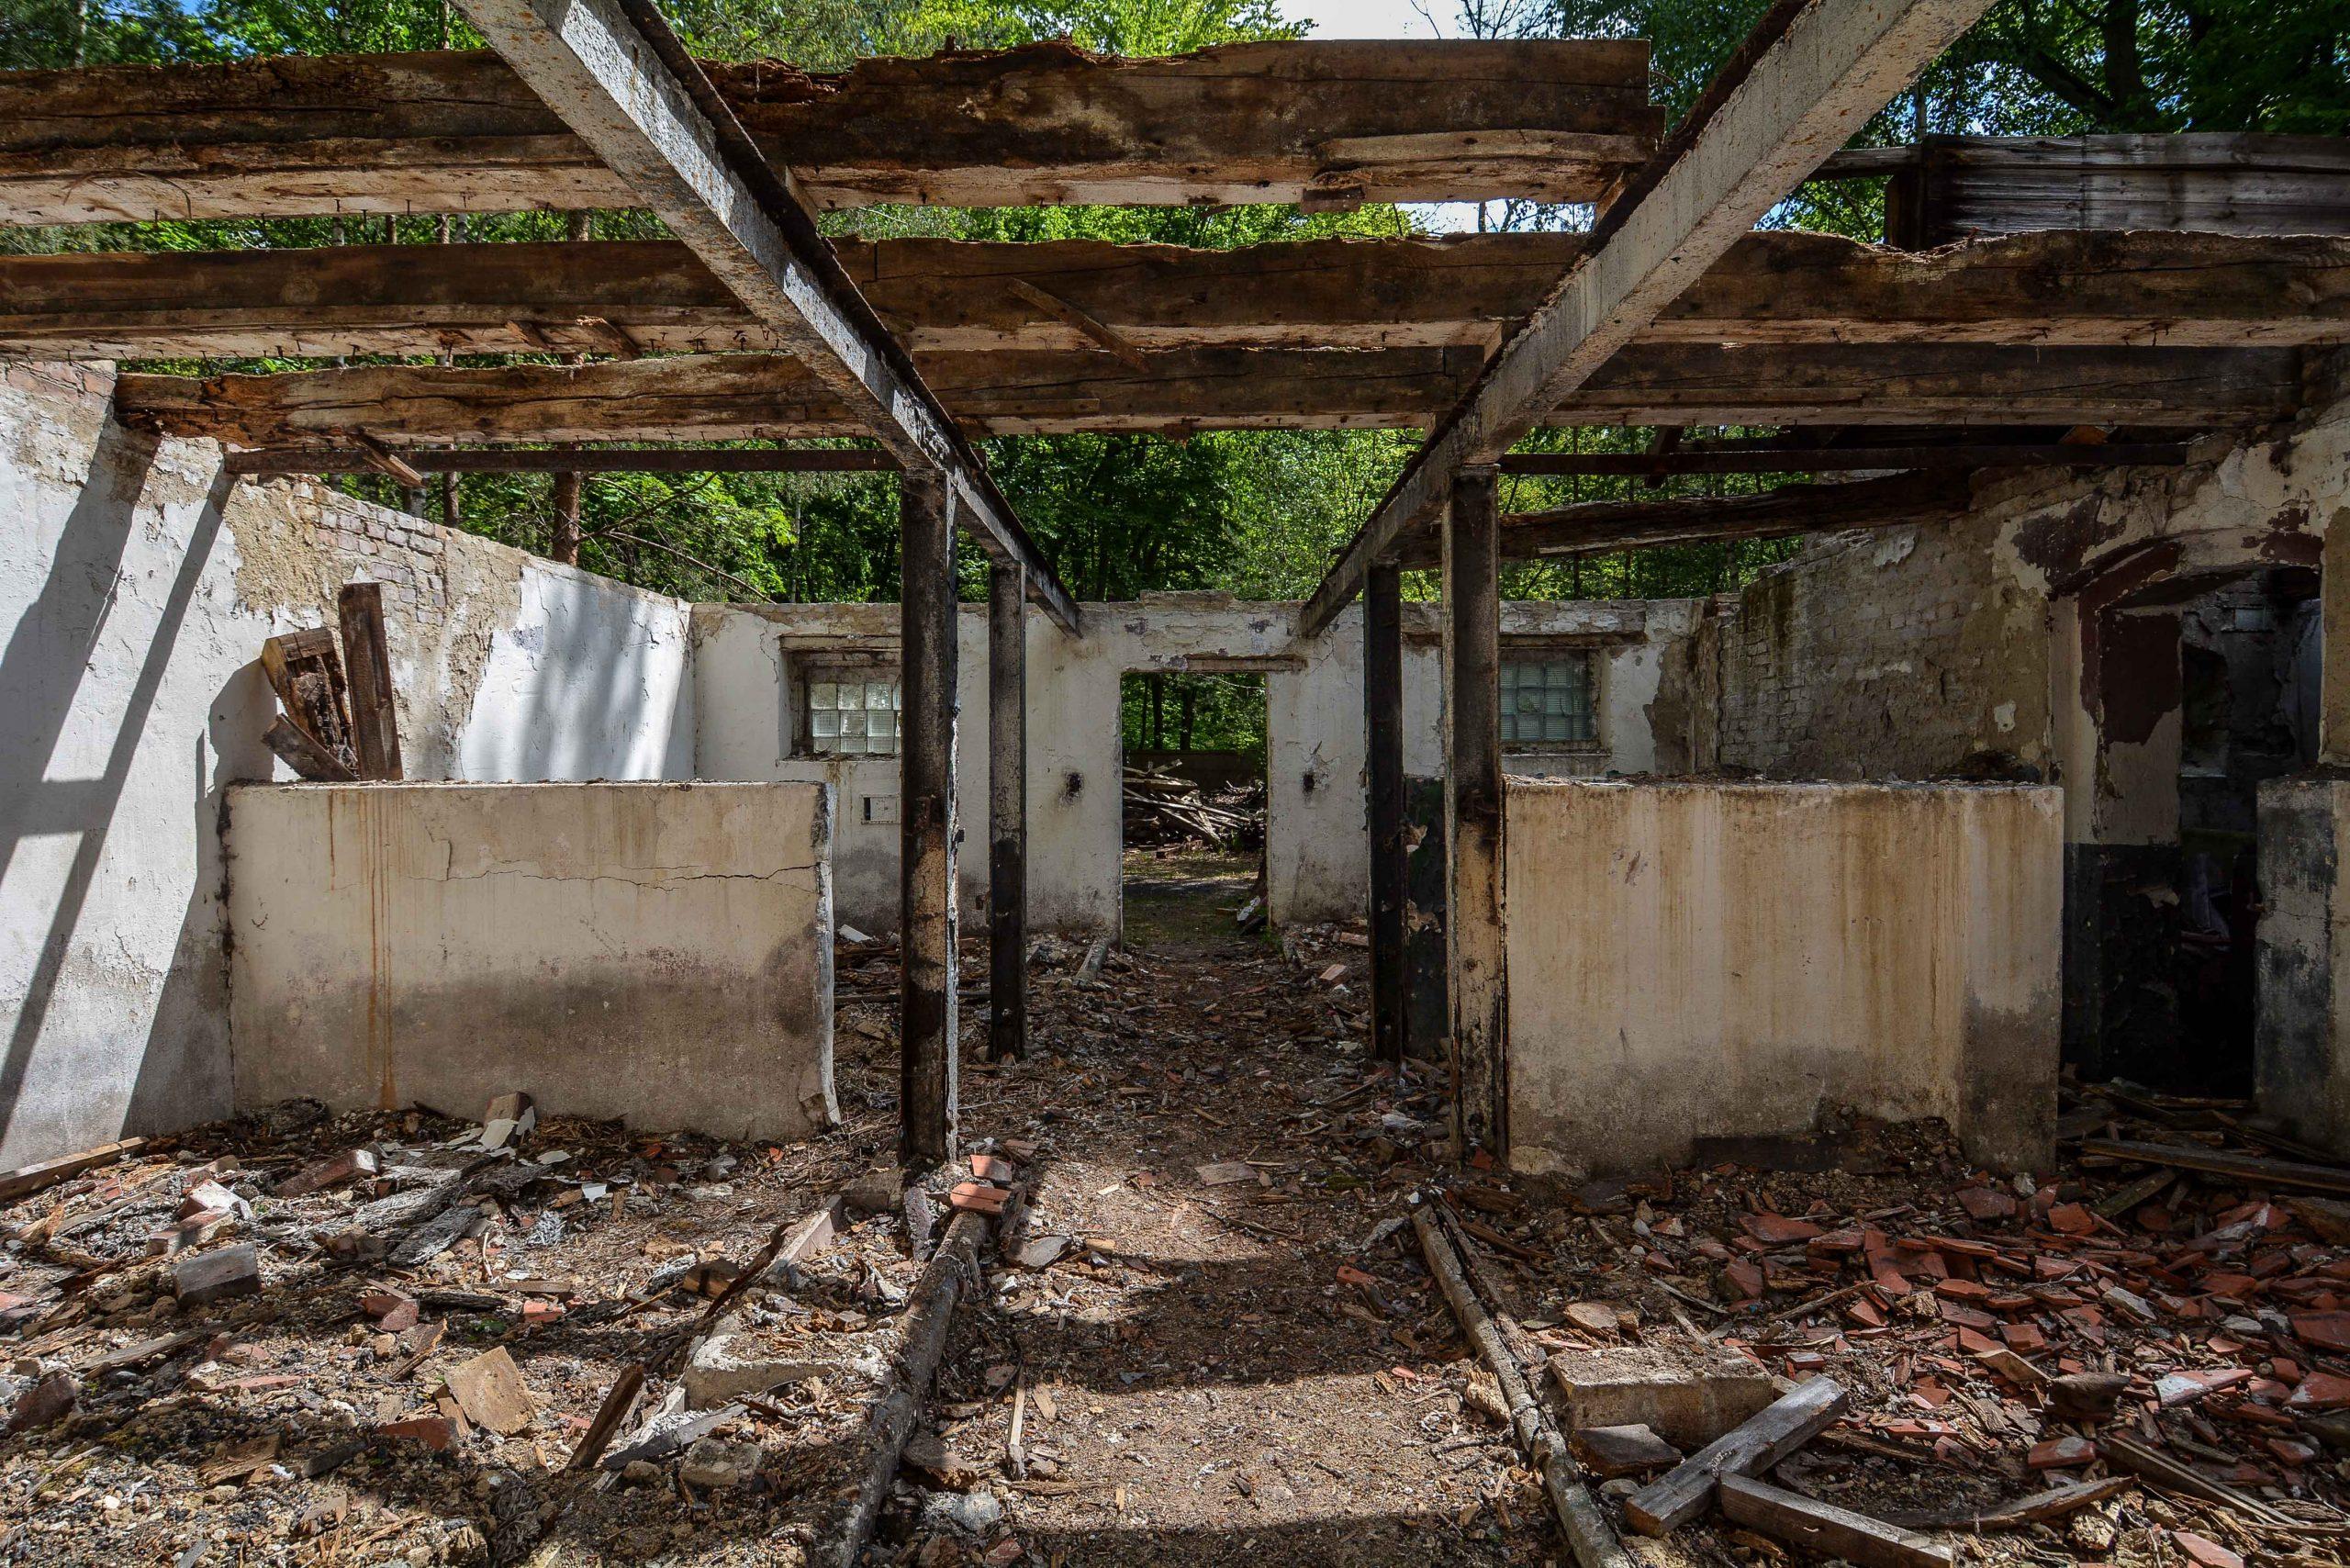 building ruin tuberkulose heilstaette grabowsee sanatorium oranienburg lost places abandoned urbex brandenburg germany deutschland